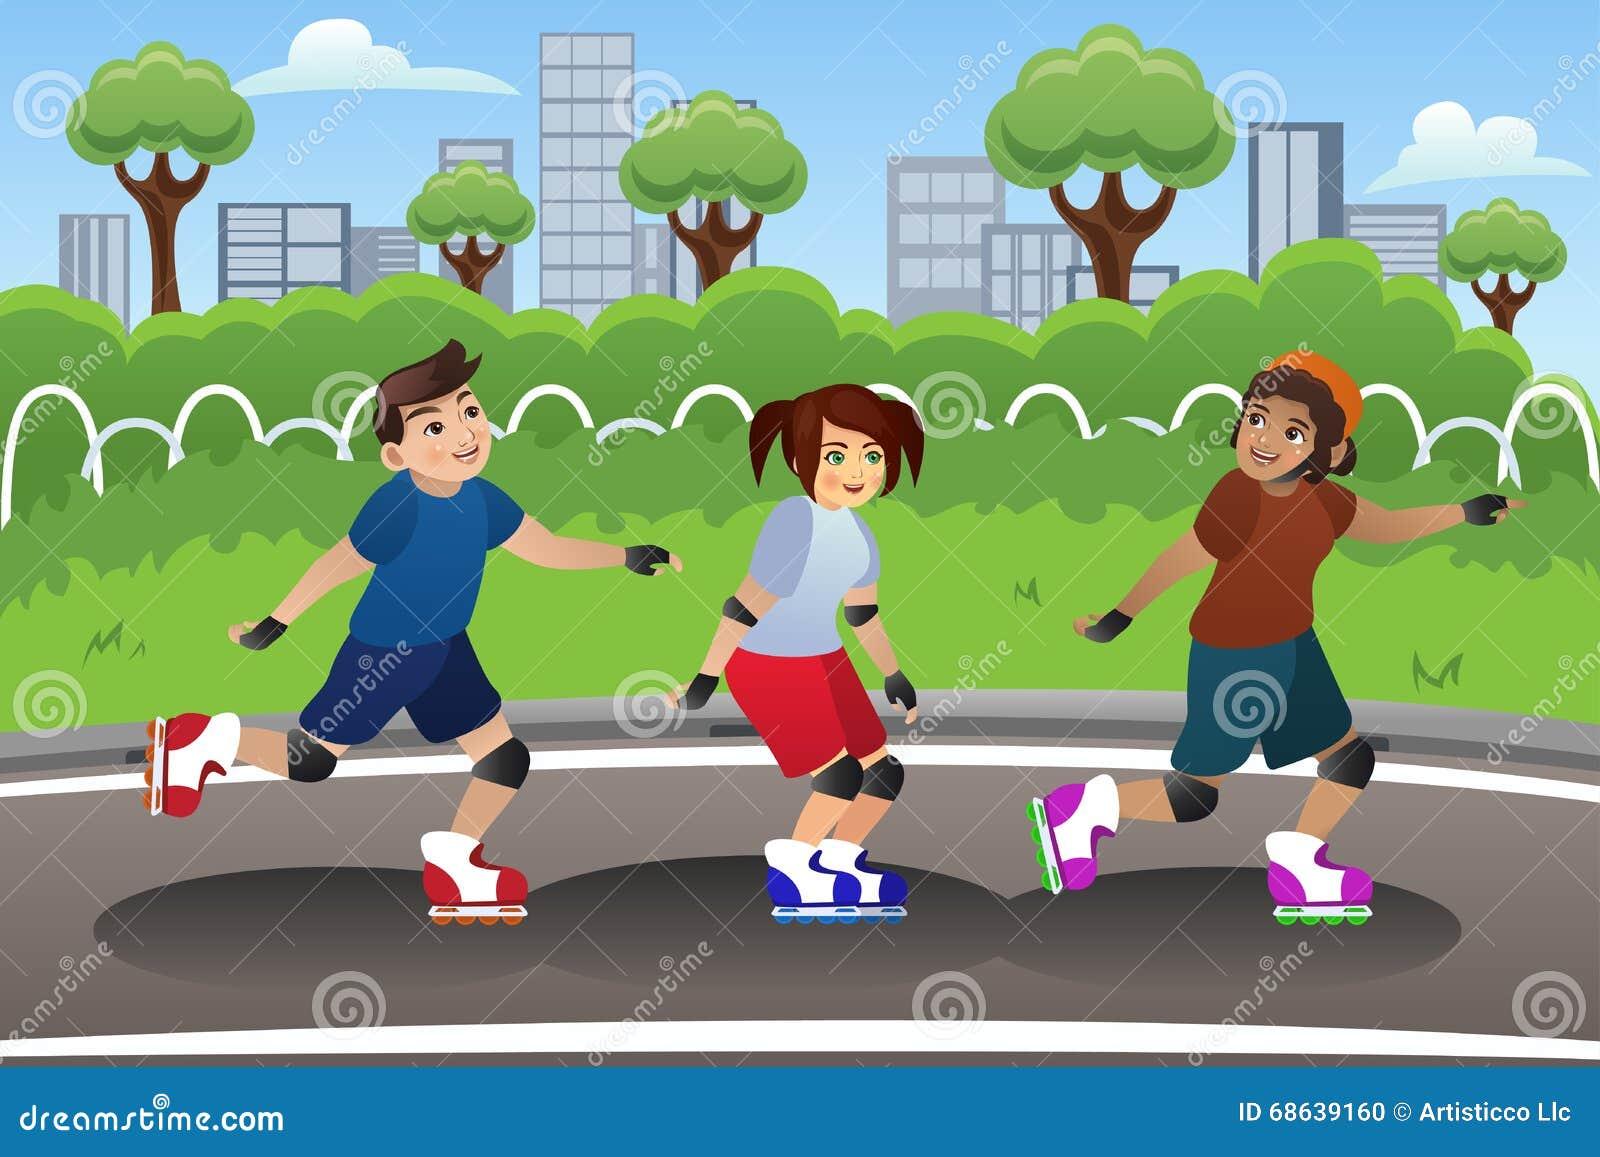 Kinder Rollerblading im Freien